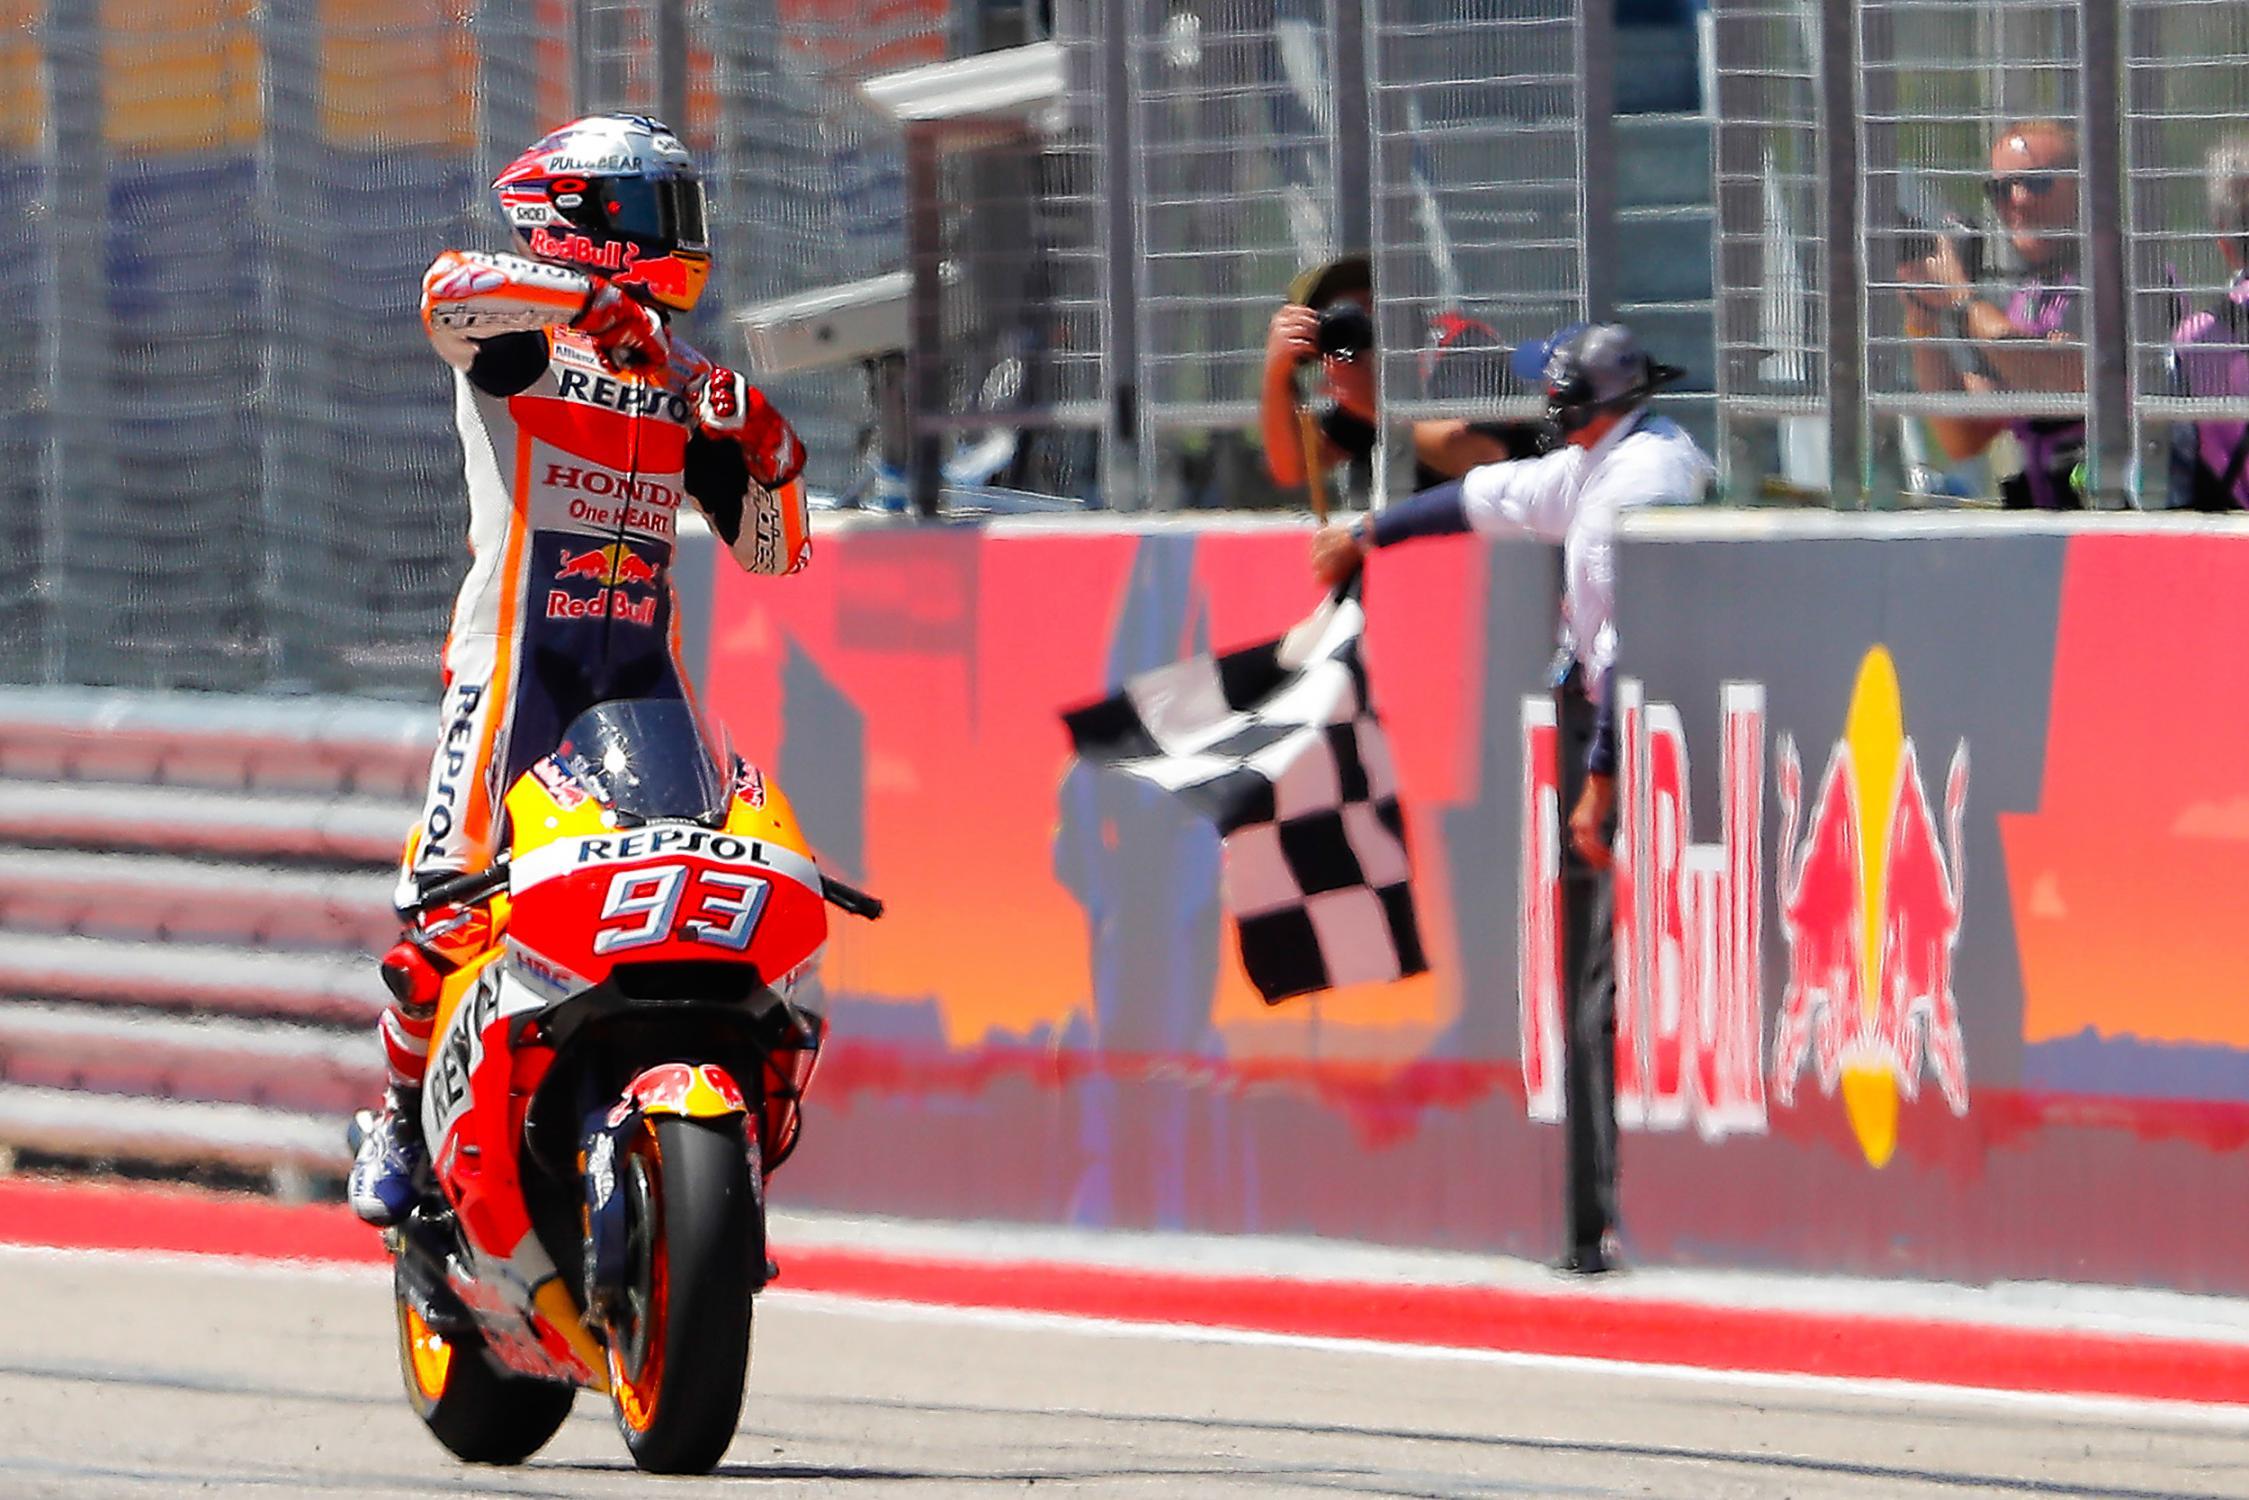 Marc Marquez, Repsol Honda, MotoGP 2018